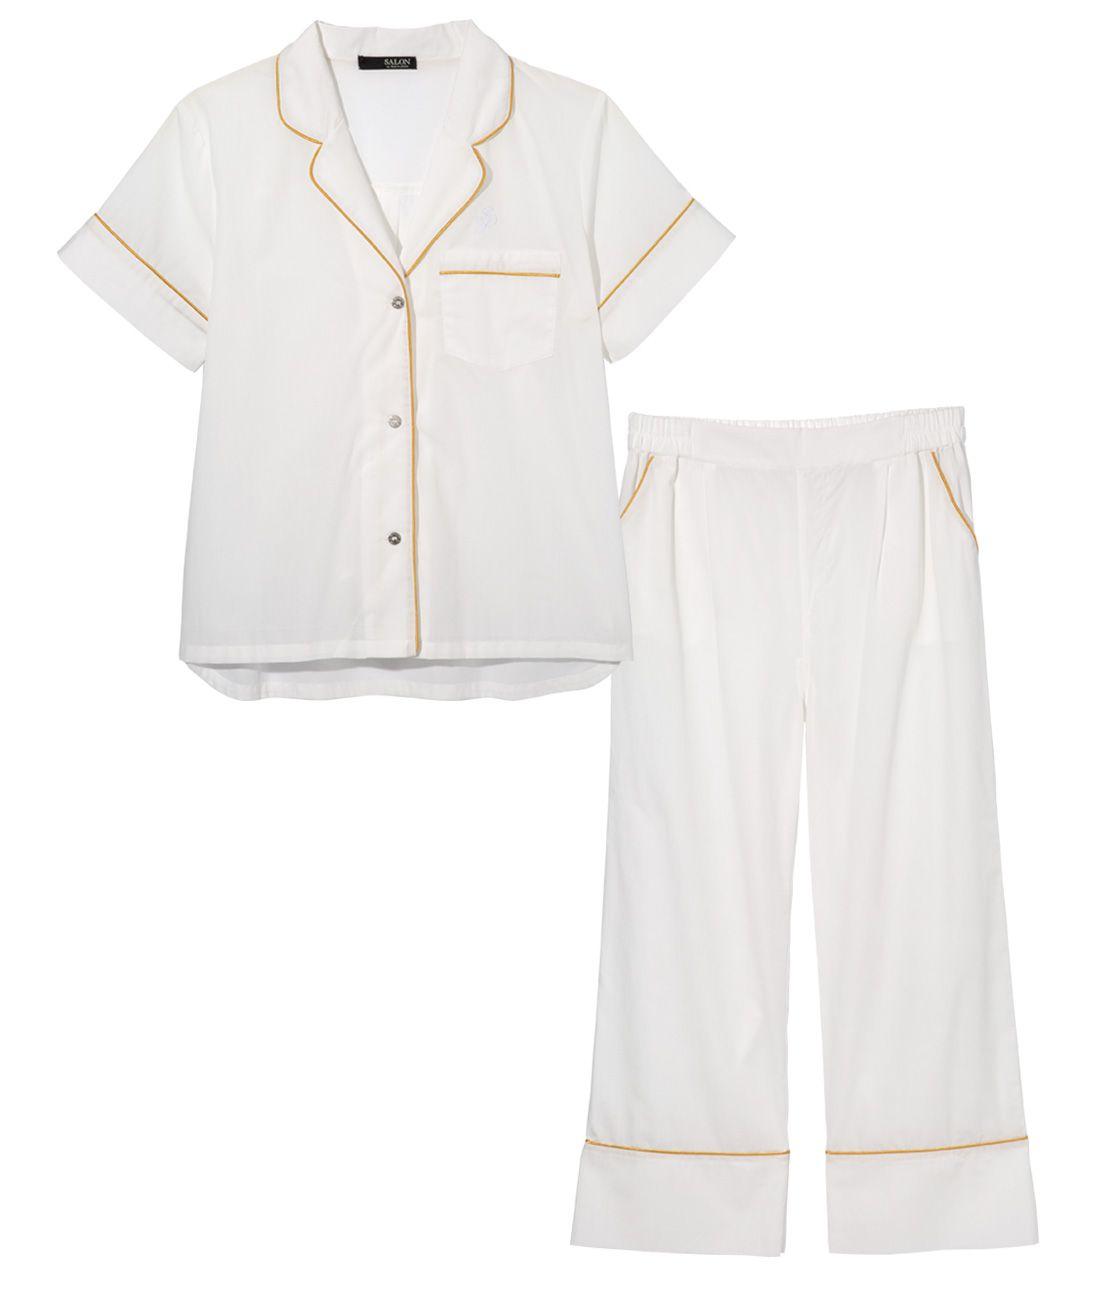 冰棉(R)短袖襯衫睡衣